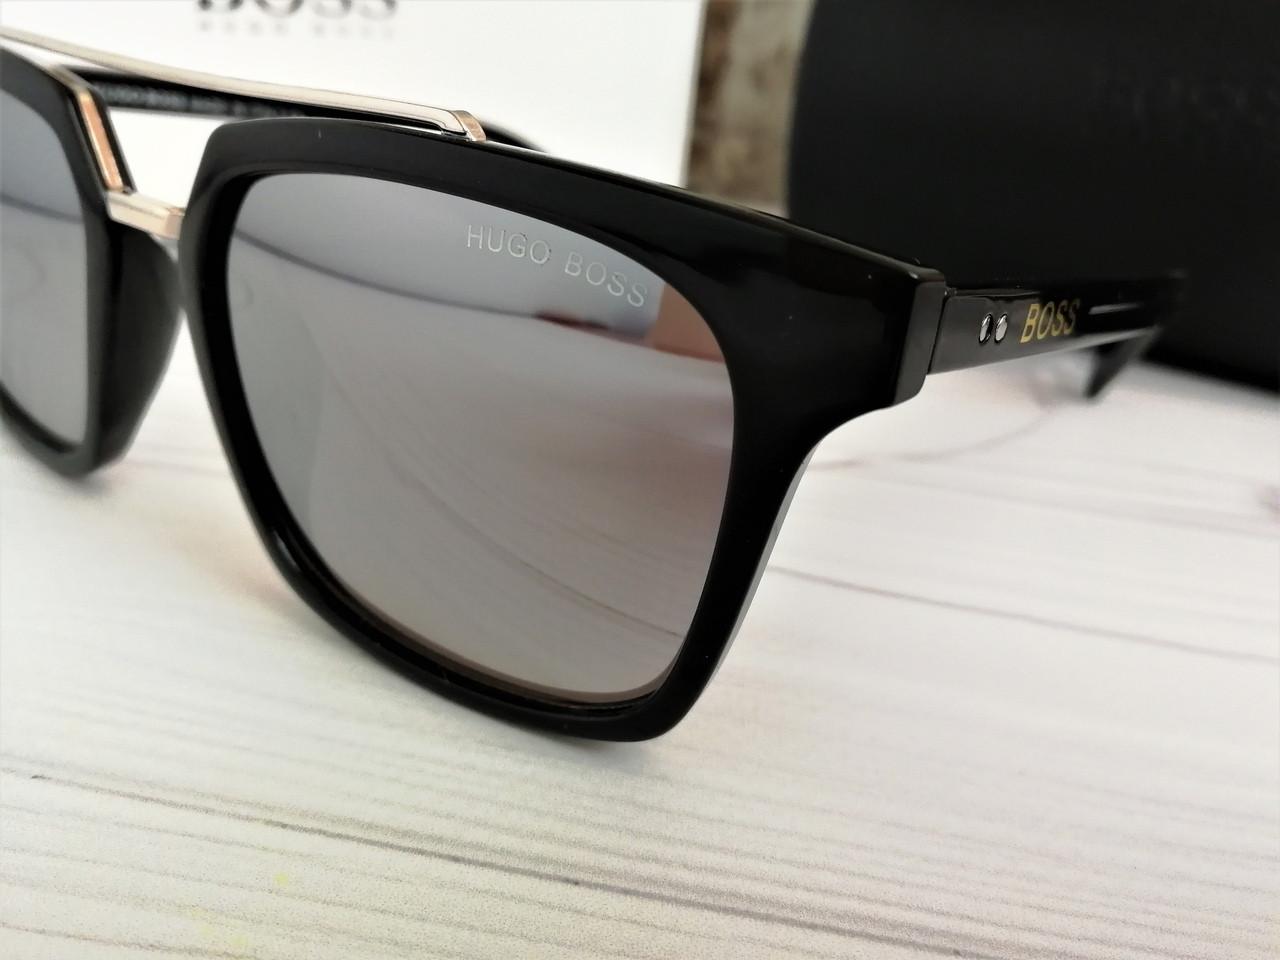 814db179e6c7 Новые Мужские Солнцезащитные Зеркальные Очки Hugo Boss Качественные Очки  Хуго Босс ...